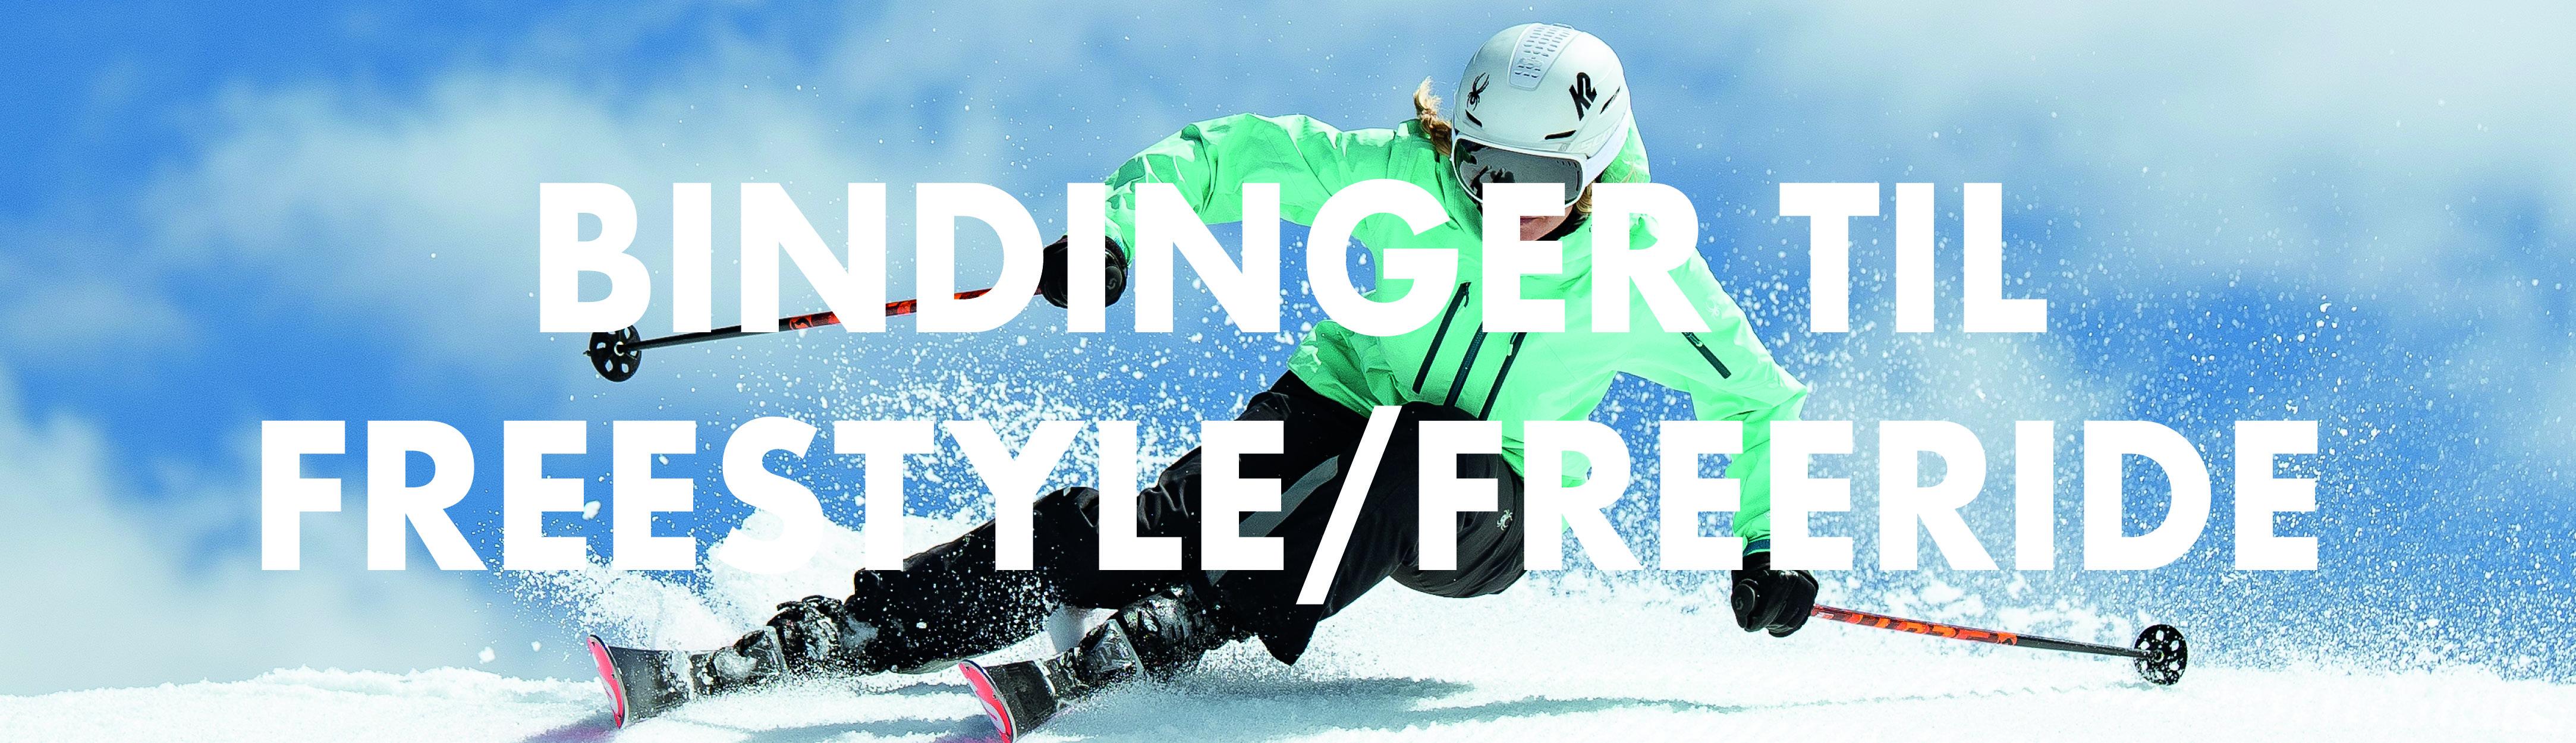 Surf og ski Horsens Bindinger